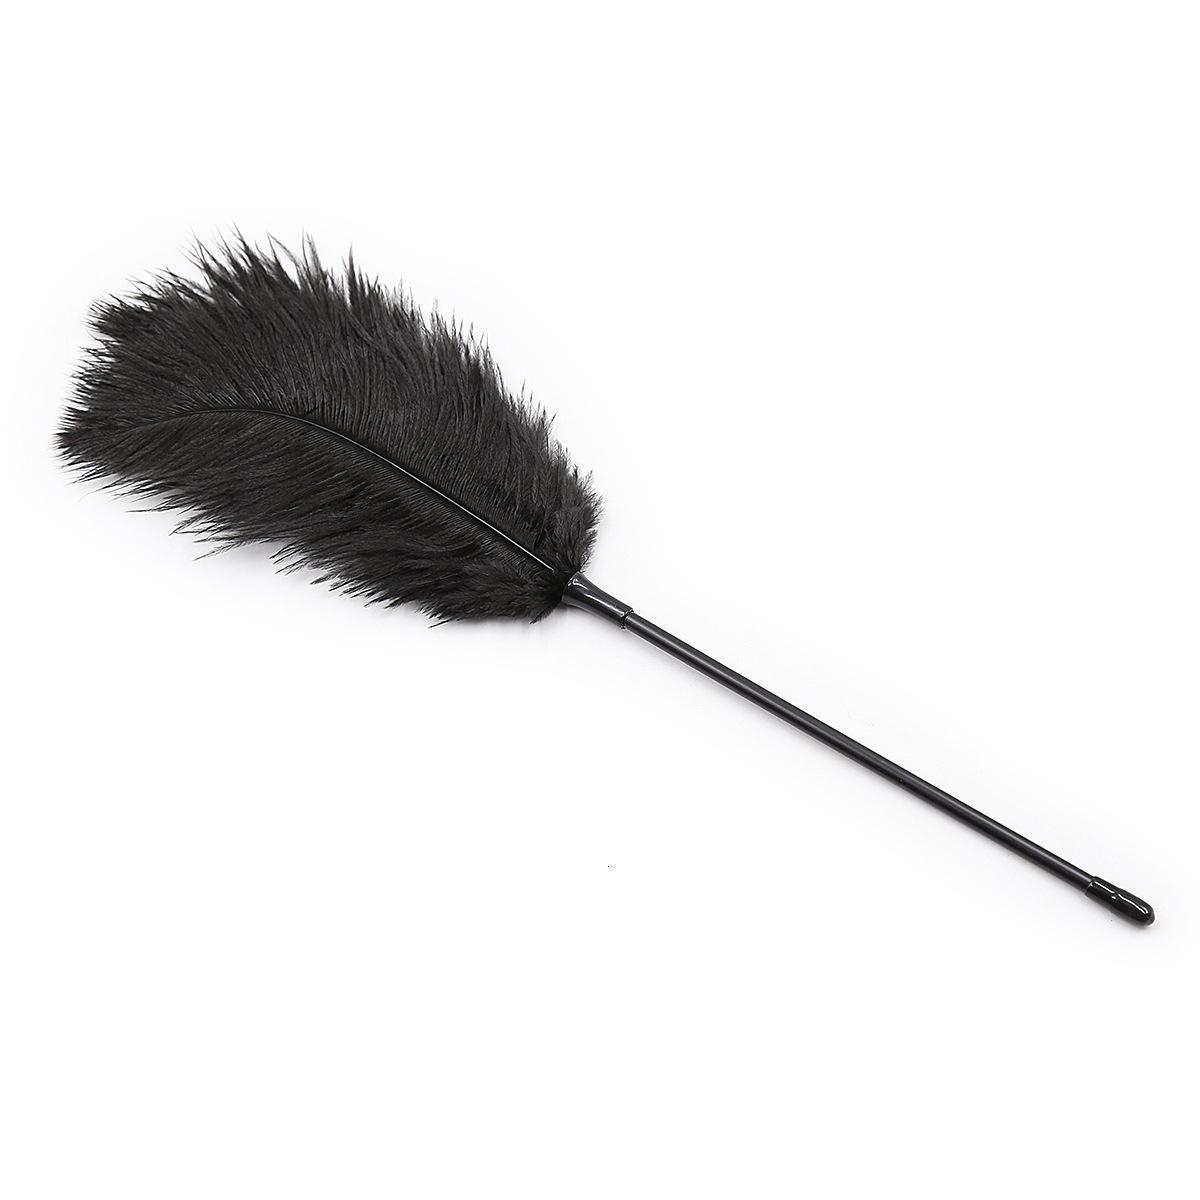 Фабрика SM женщина использует взрослый флирт перо щетки щекотать инструменты пыток перо палочки пары секс игрушки альтернатива T191109